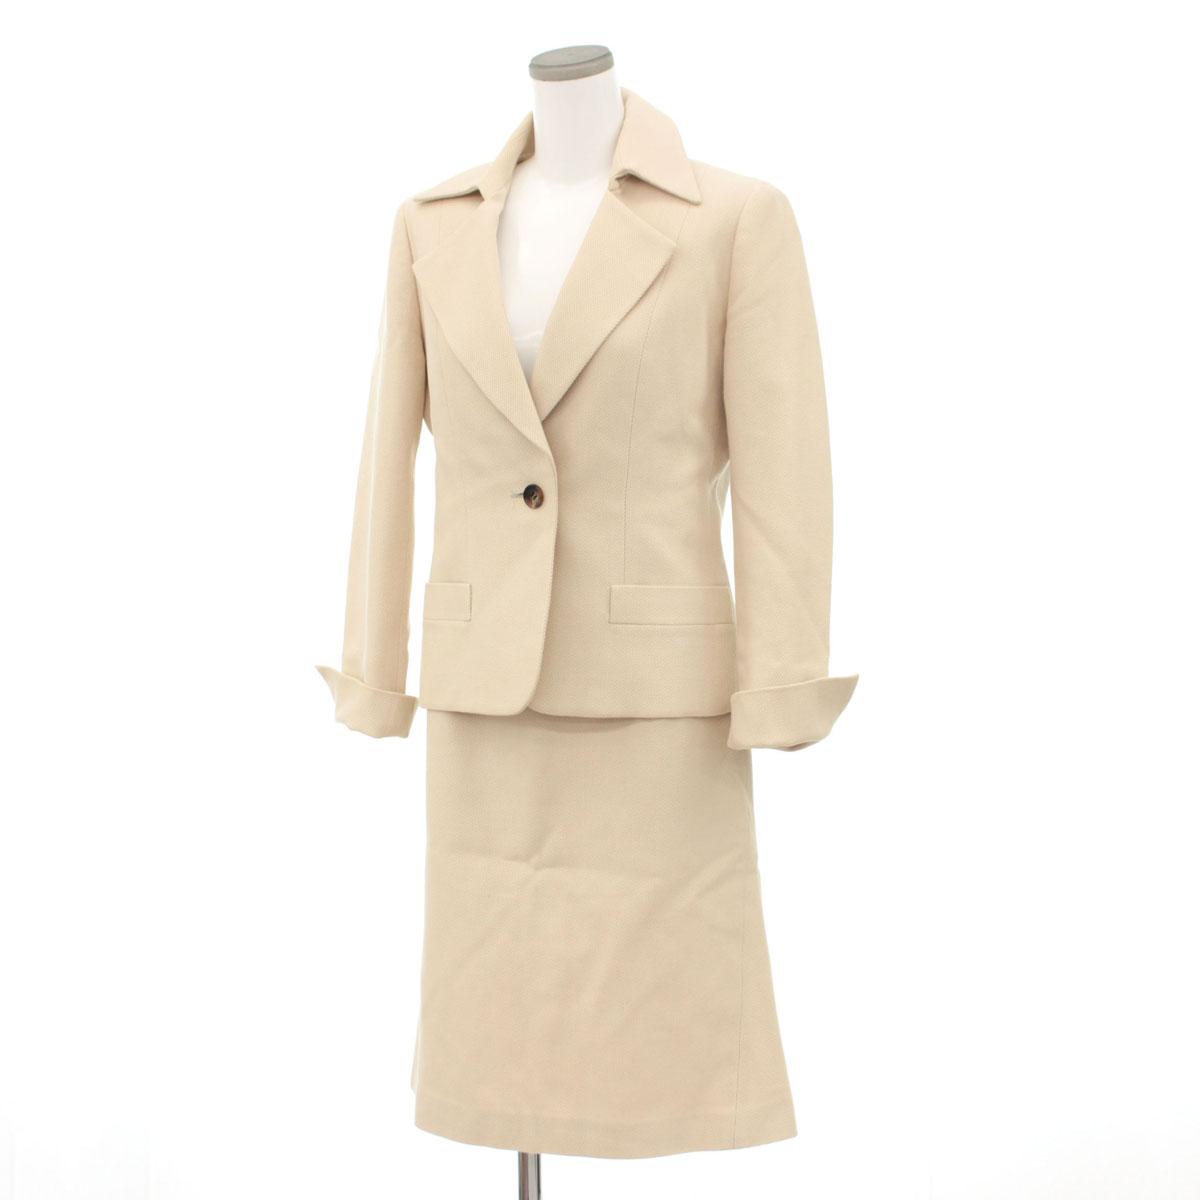 【中古】◆BURBERRY LONDON バーバリーロンドン スカートスーツ サイズ42◆ beige /ベージュ/入学式/卒業式/コットン100%/レディース/セットアップ